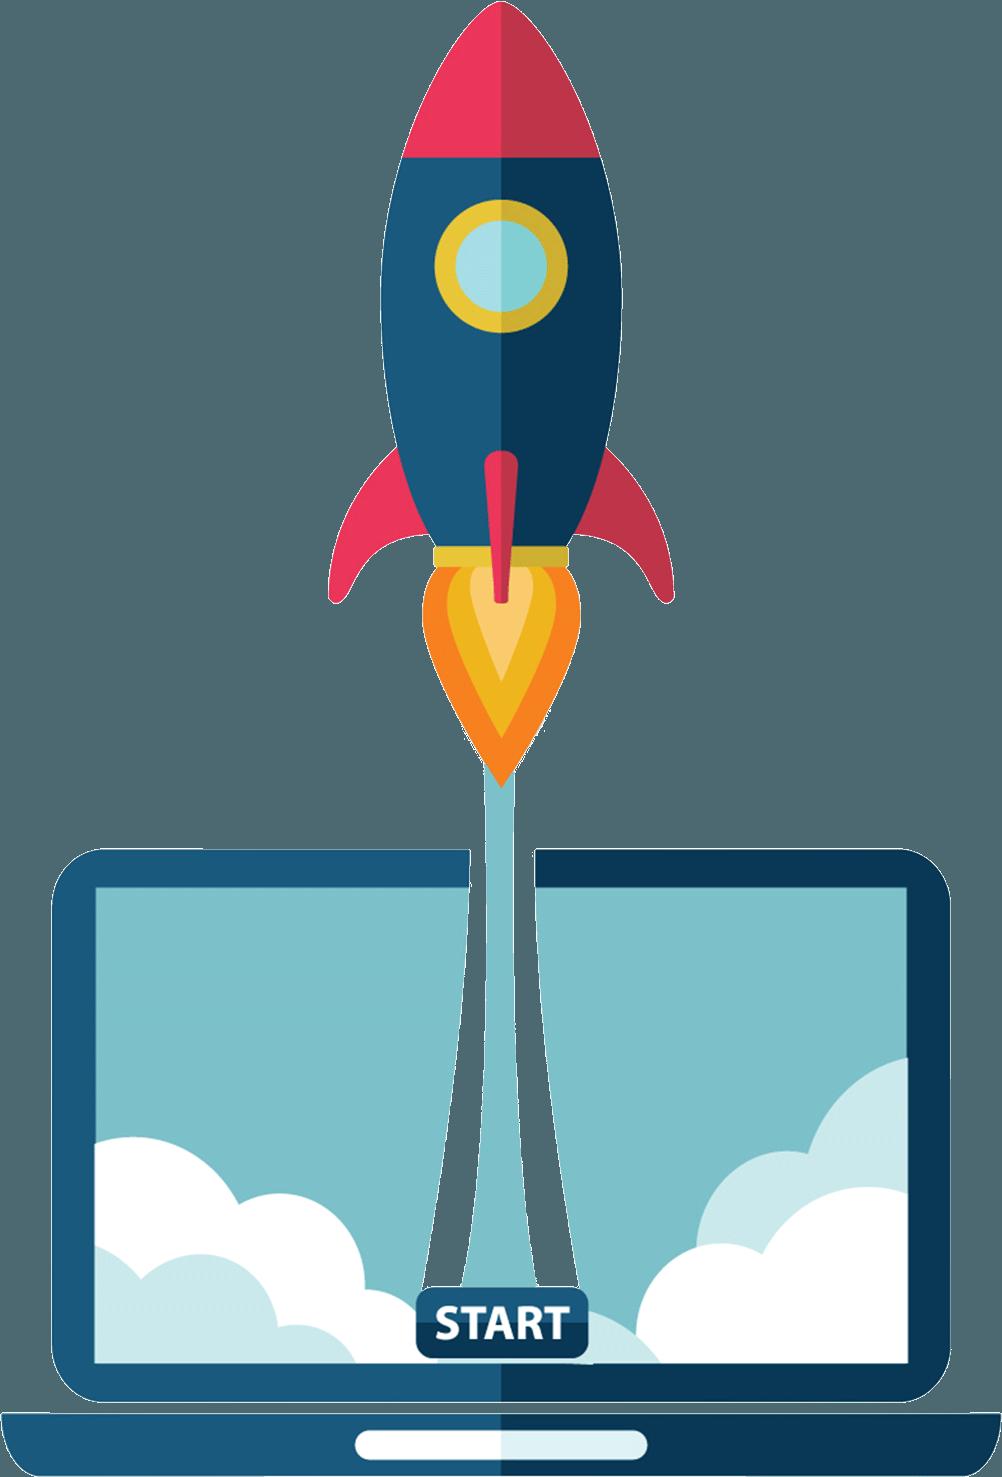 Blogging: Free wordpress blog setup